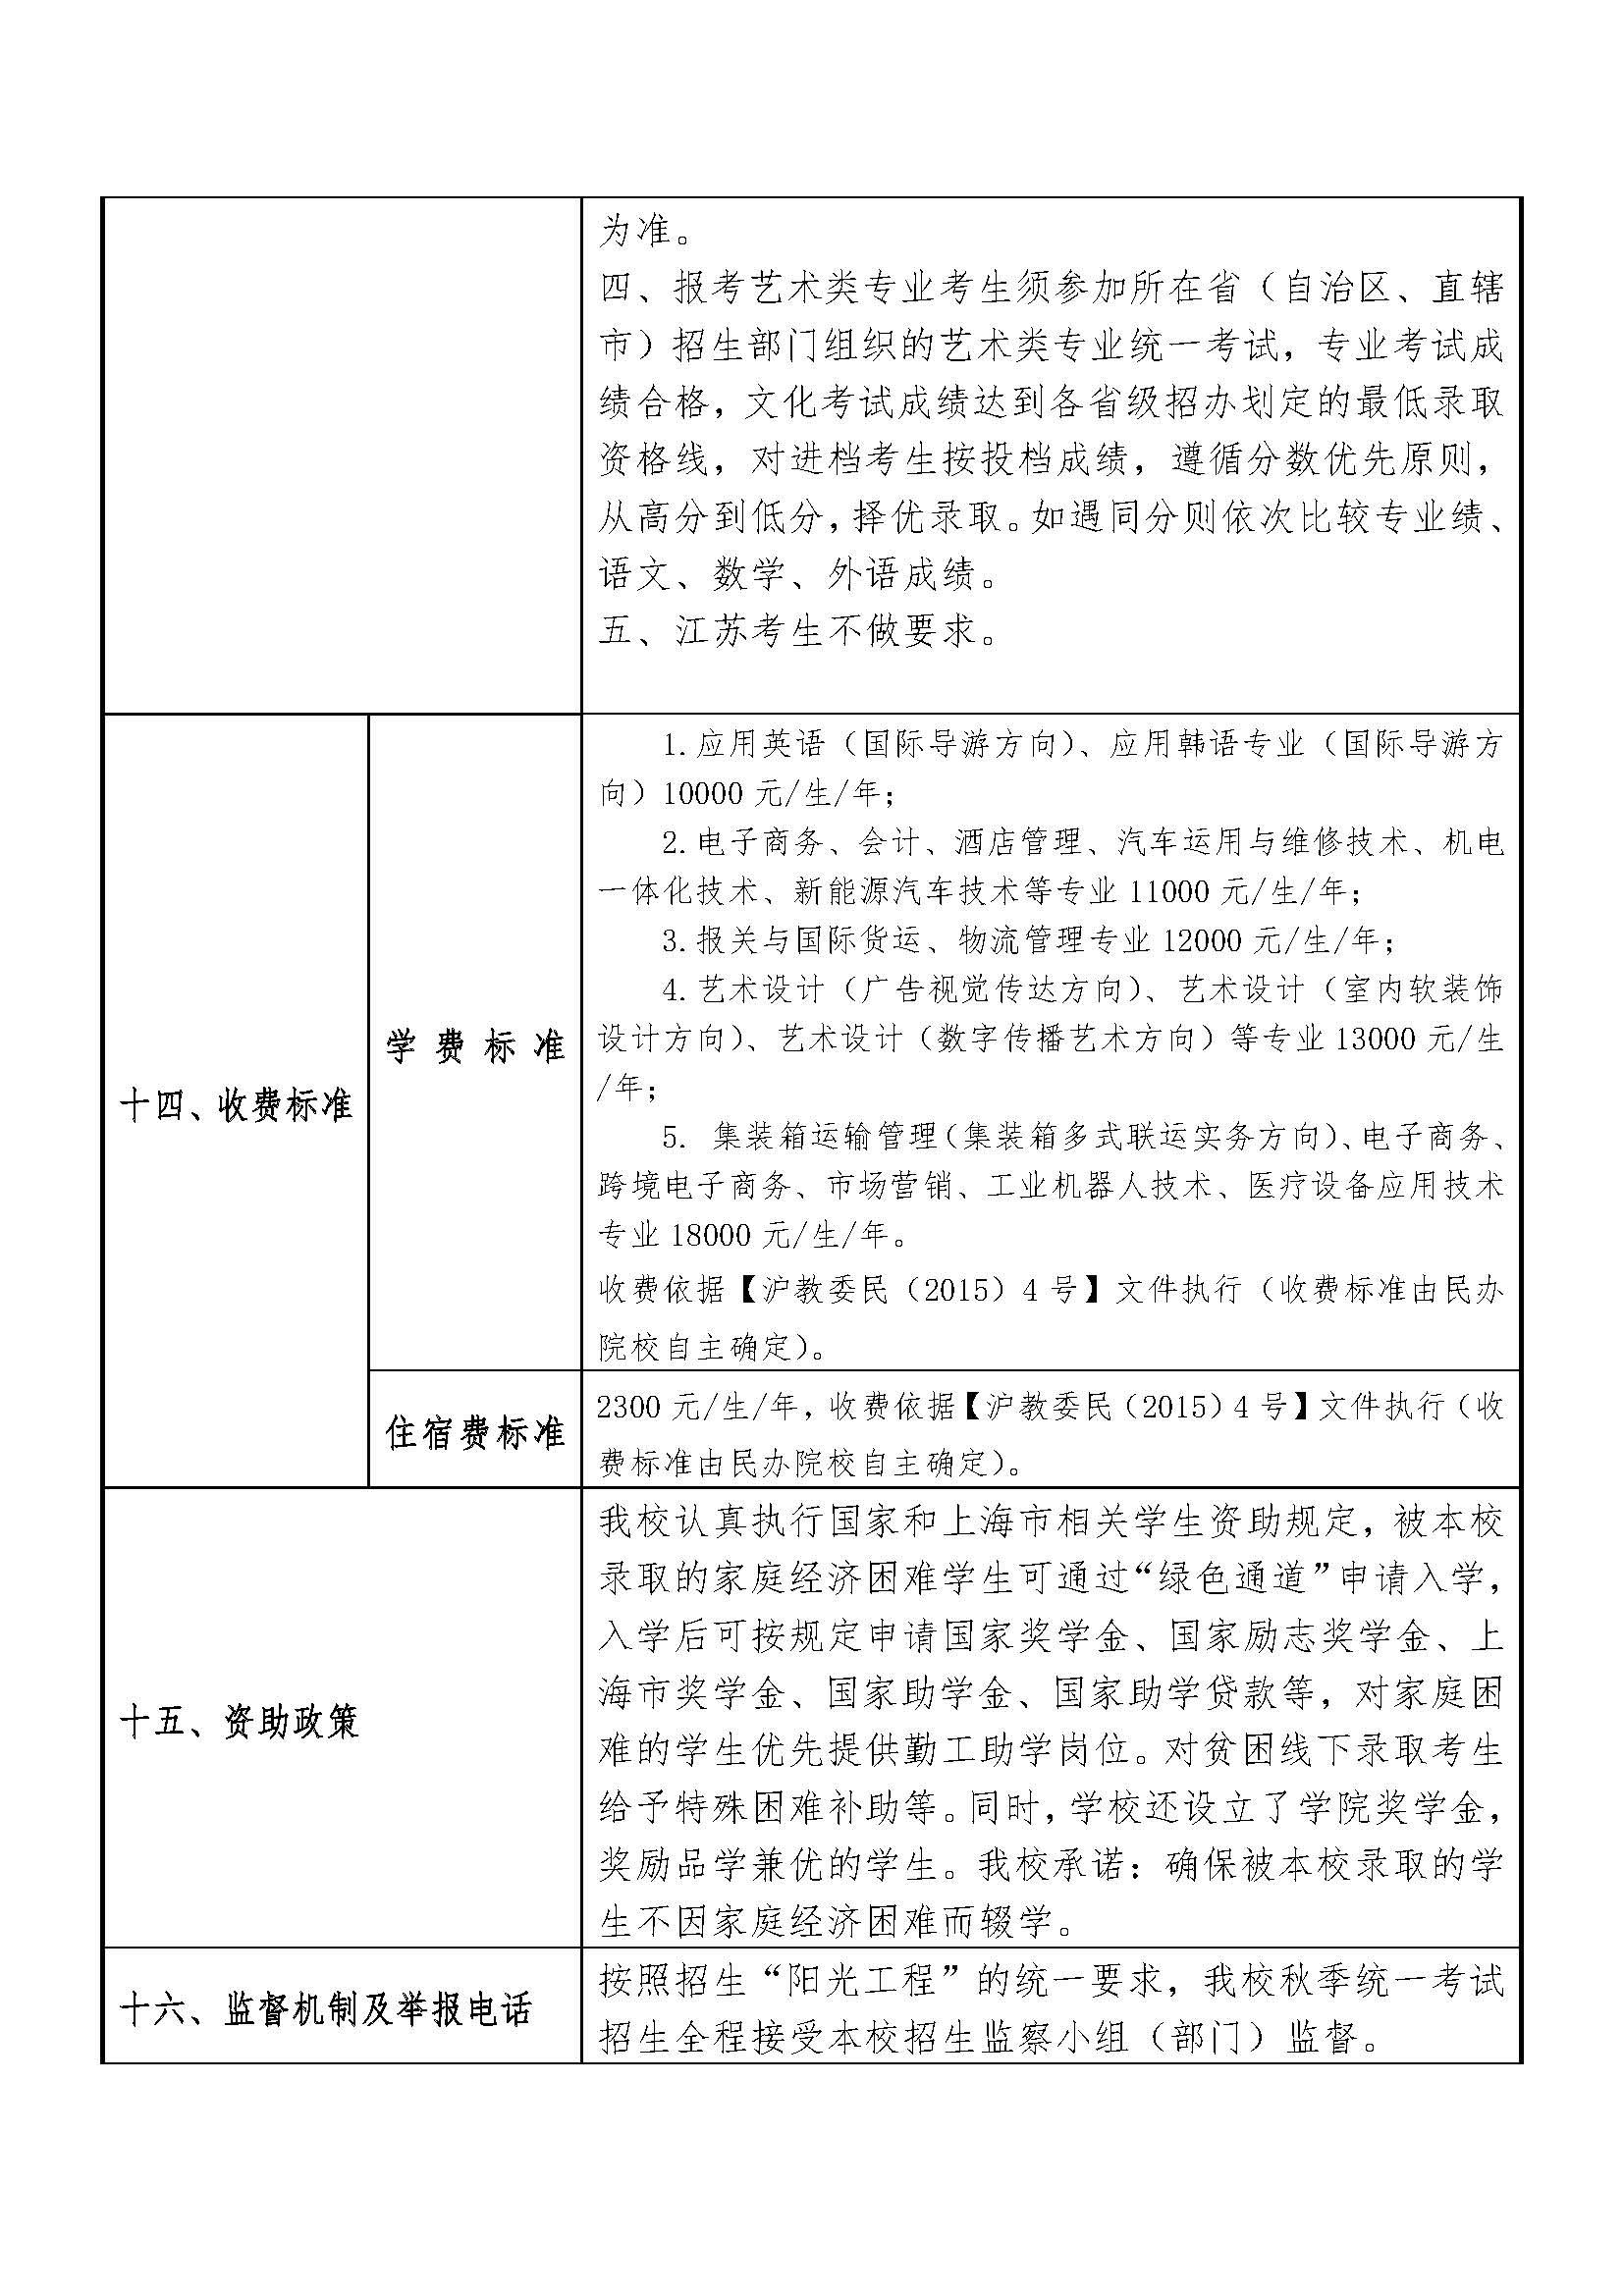 2020全国统考招生章程(正表)_页面_3.jpg